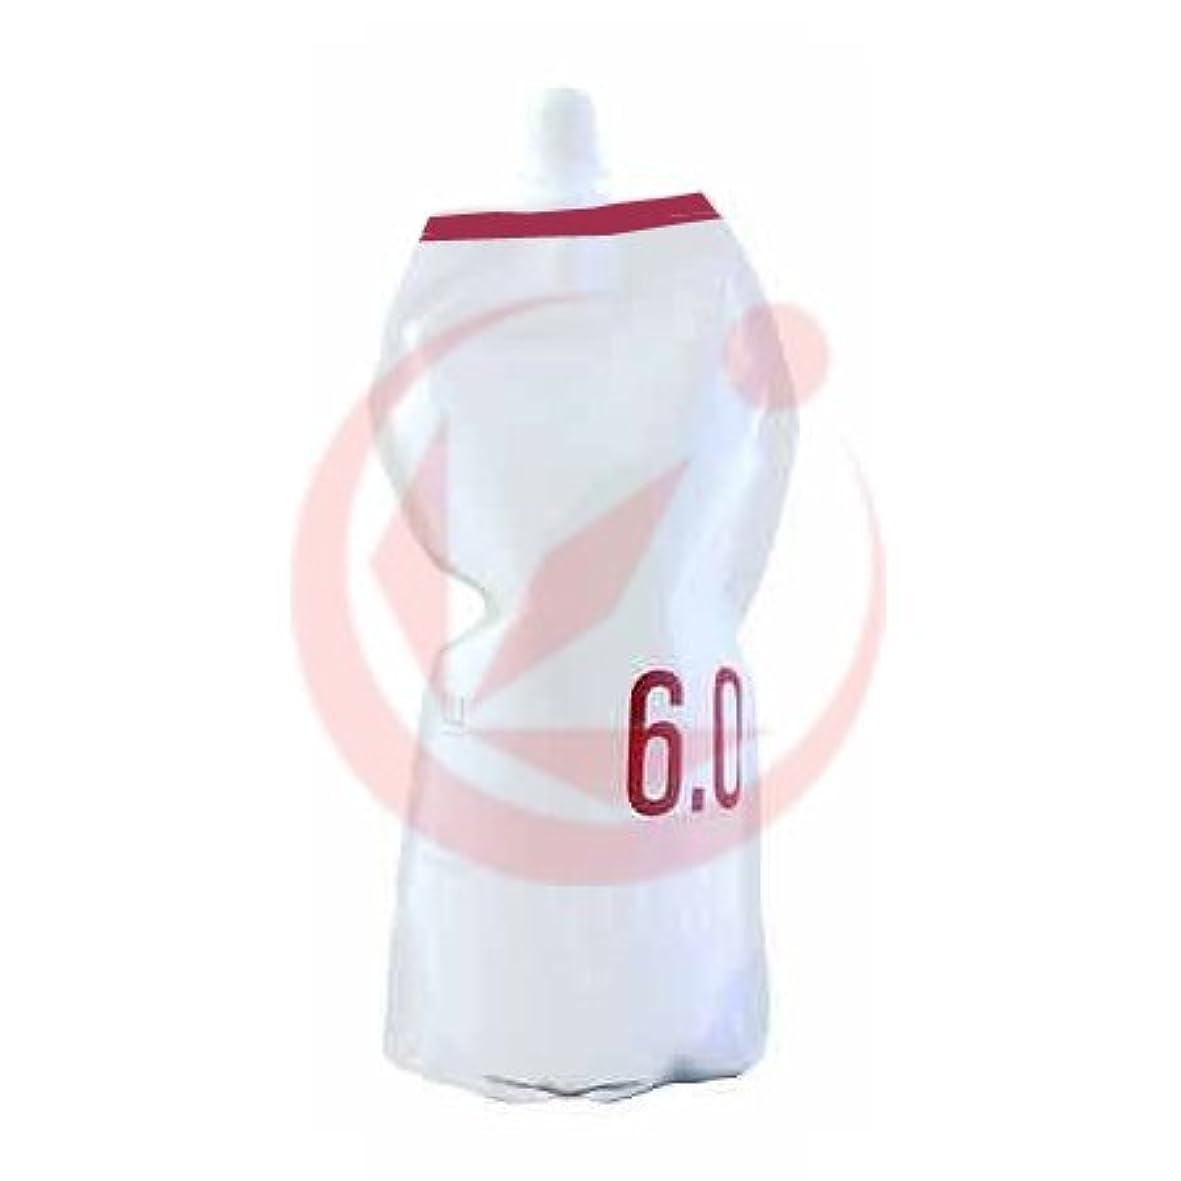 シャッター教科書枠ナンバースリー プロアクション リクロマ オキシ(OX) 1200ml(2剤) 6.0%*